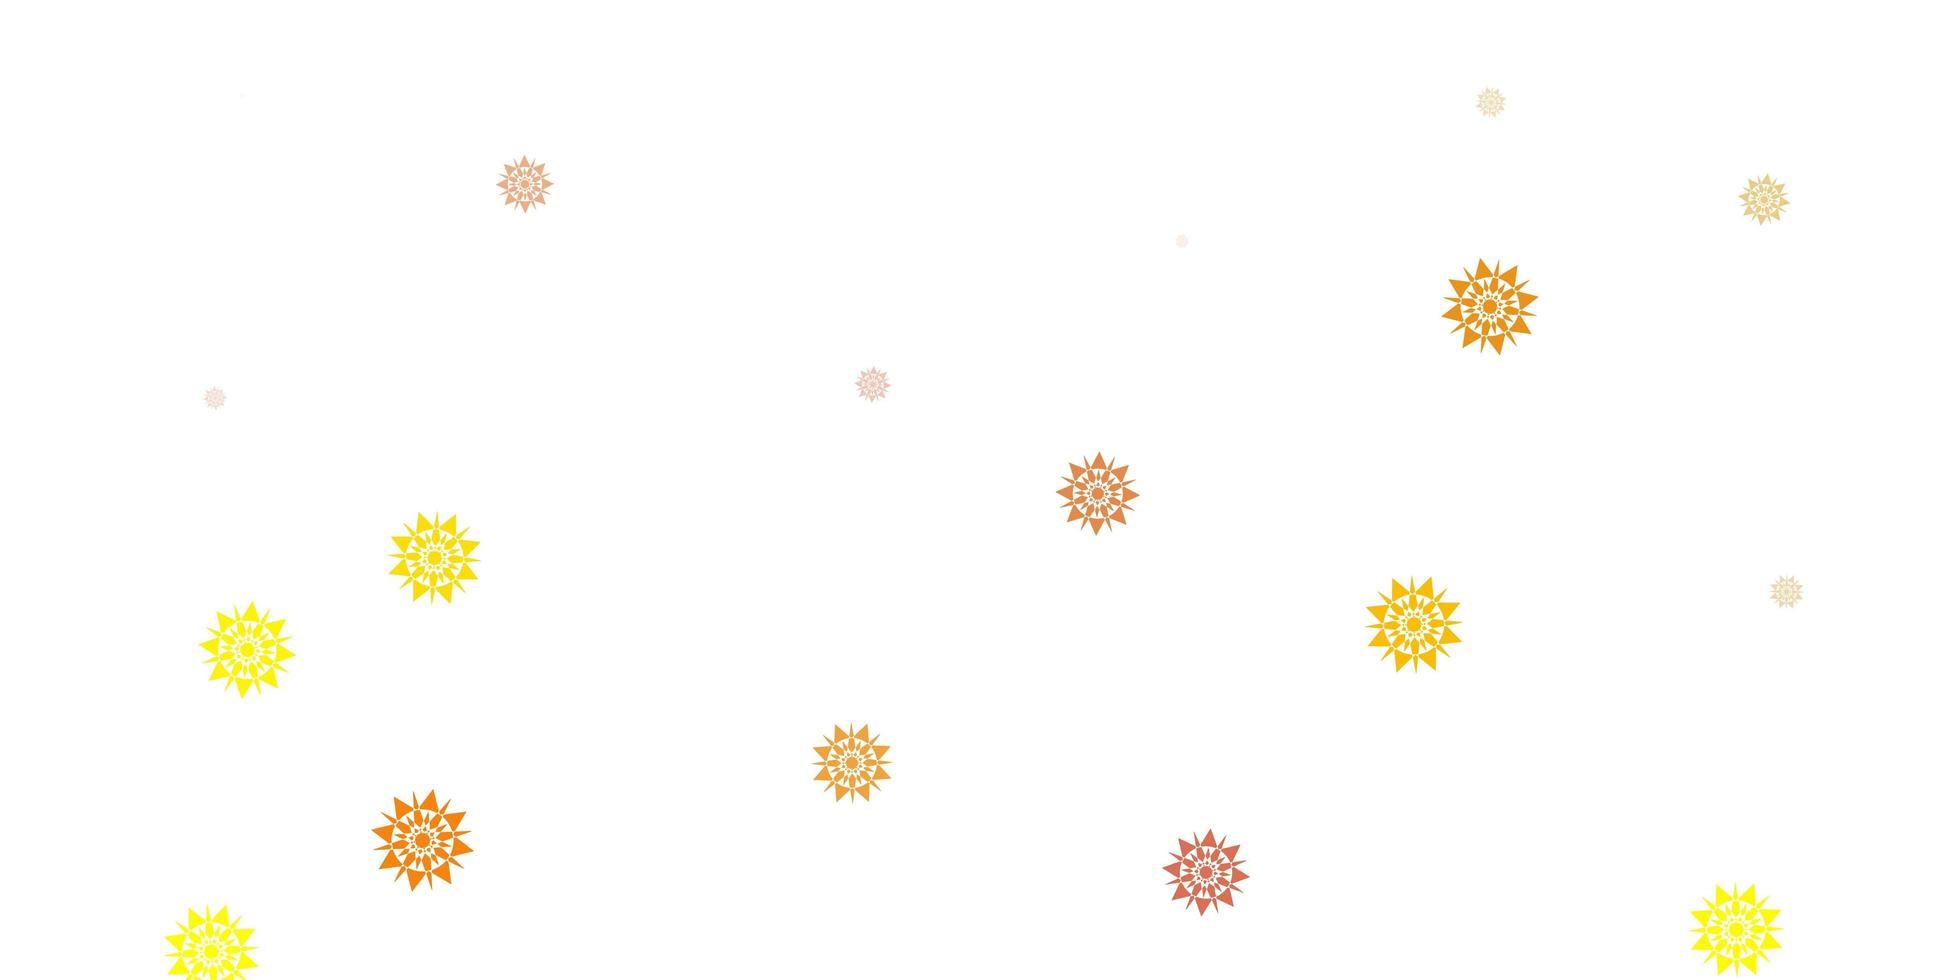 modèle vectoriel jaune clair avec des flocons de neige de glace.